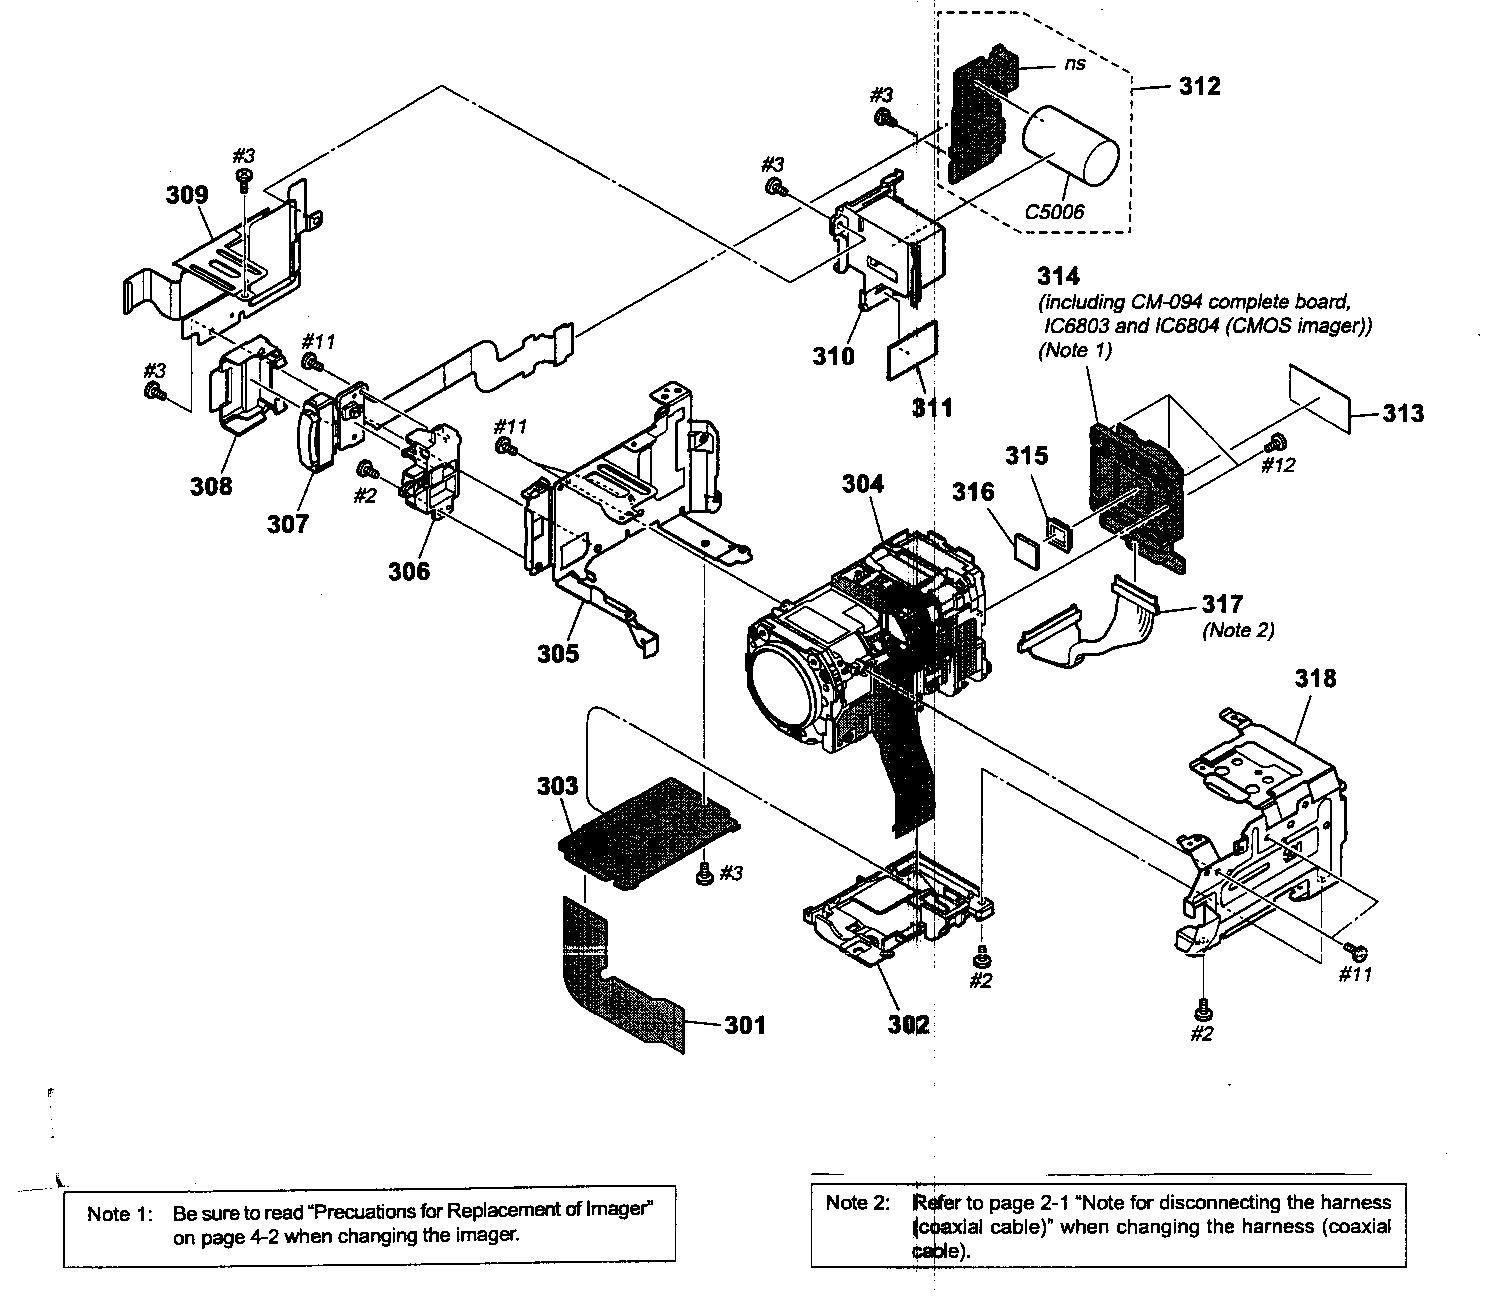 Sony model HDR-SR11 digital camcorder genuine parts